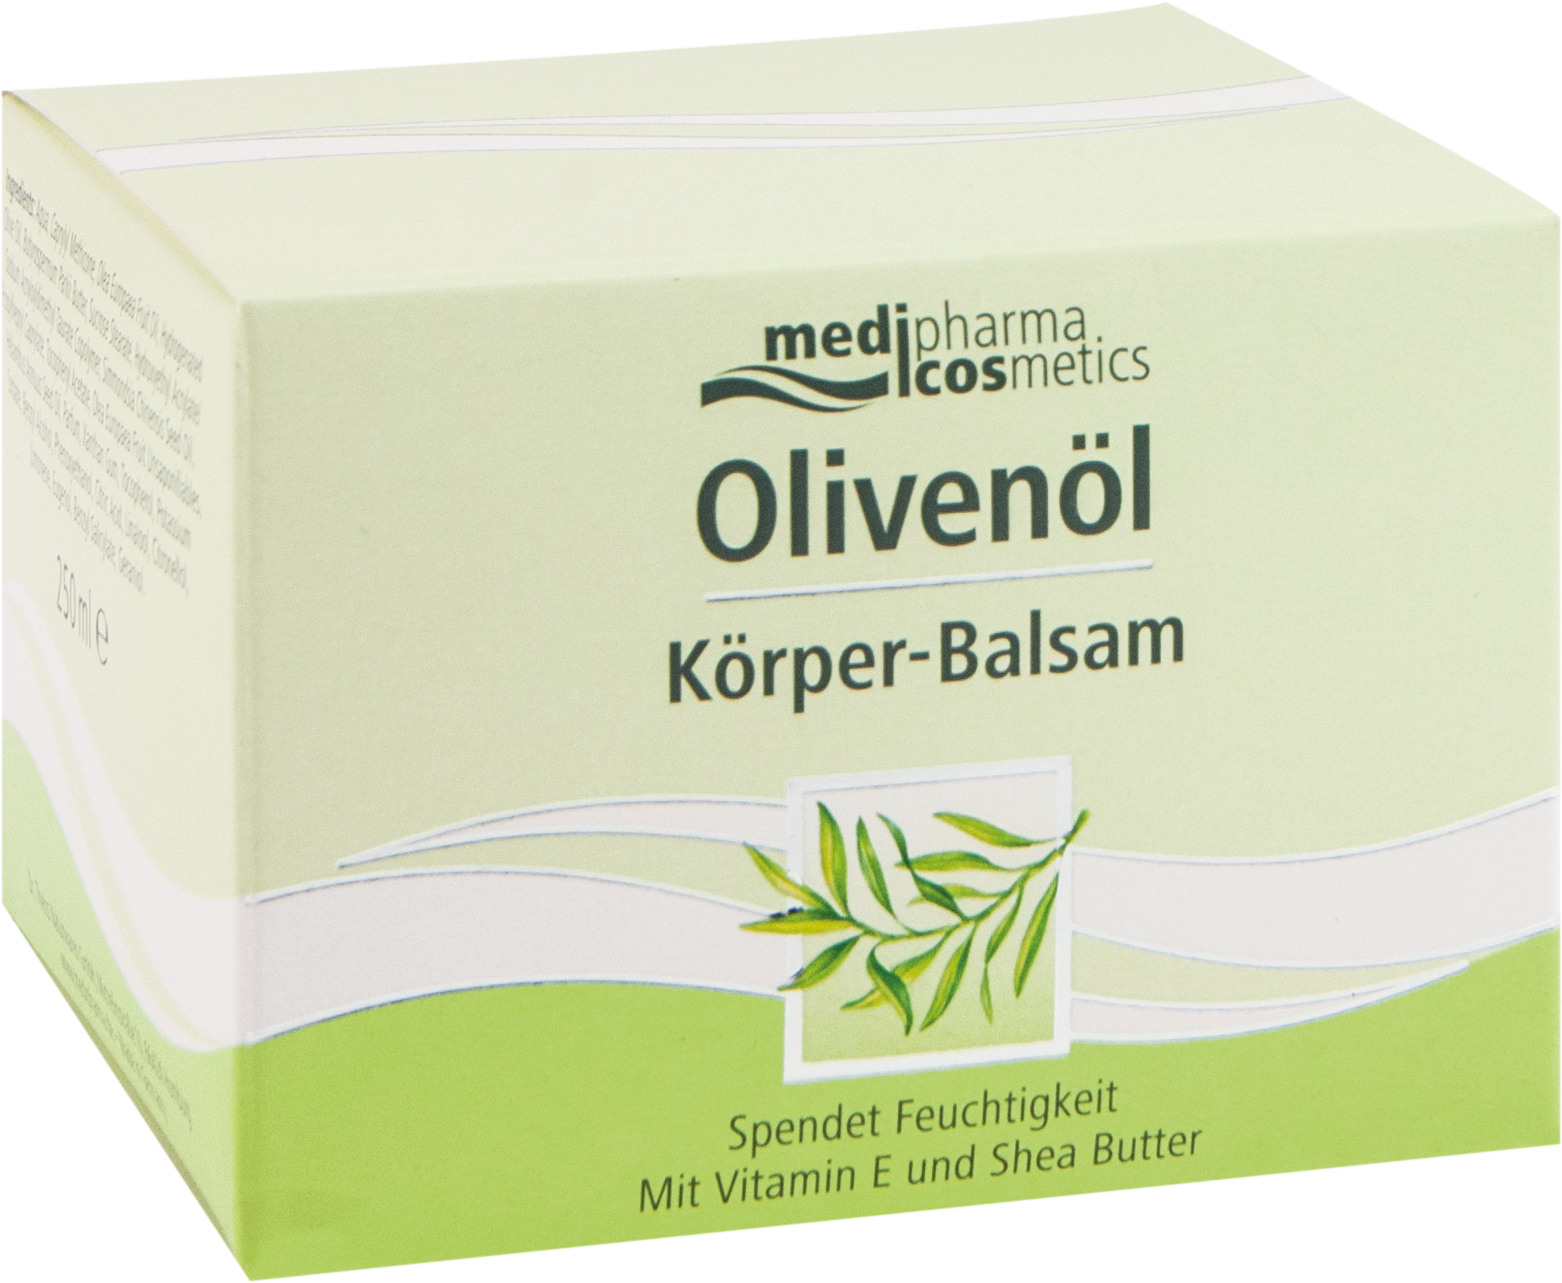 Olivenöl Körper-Balsam